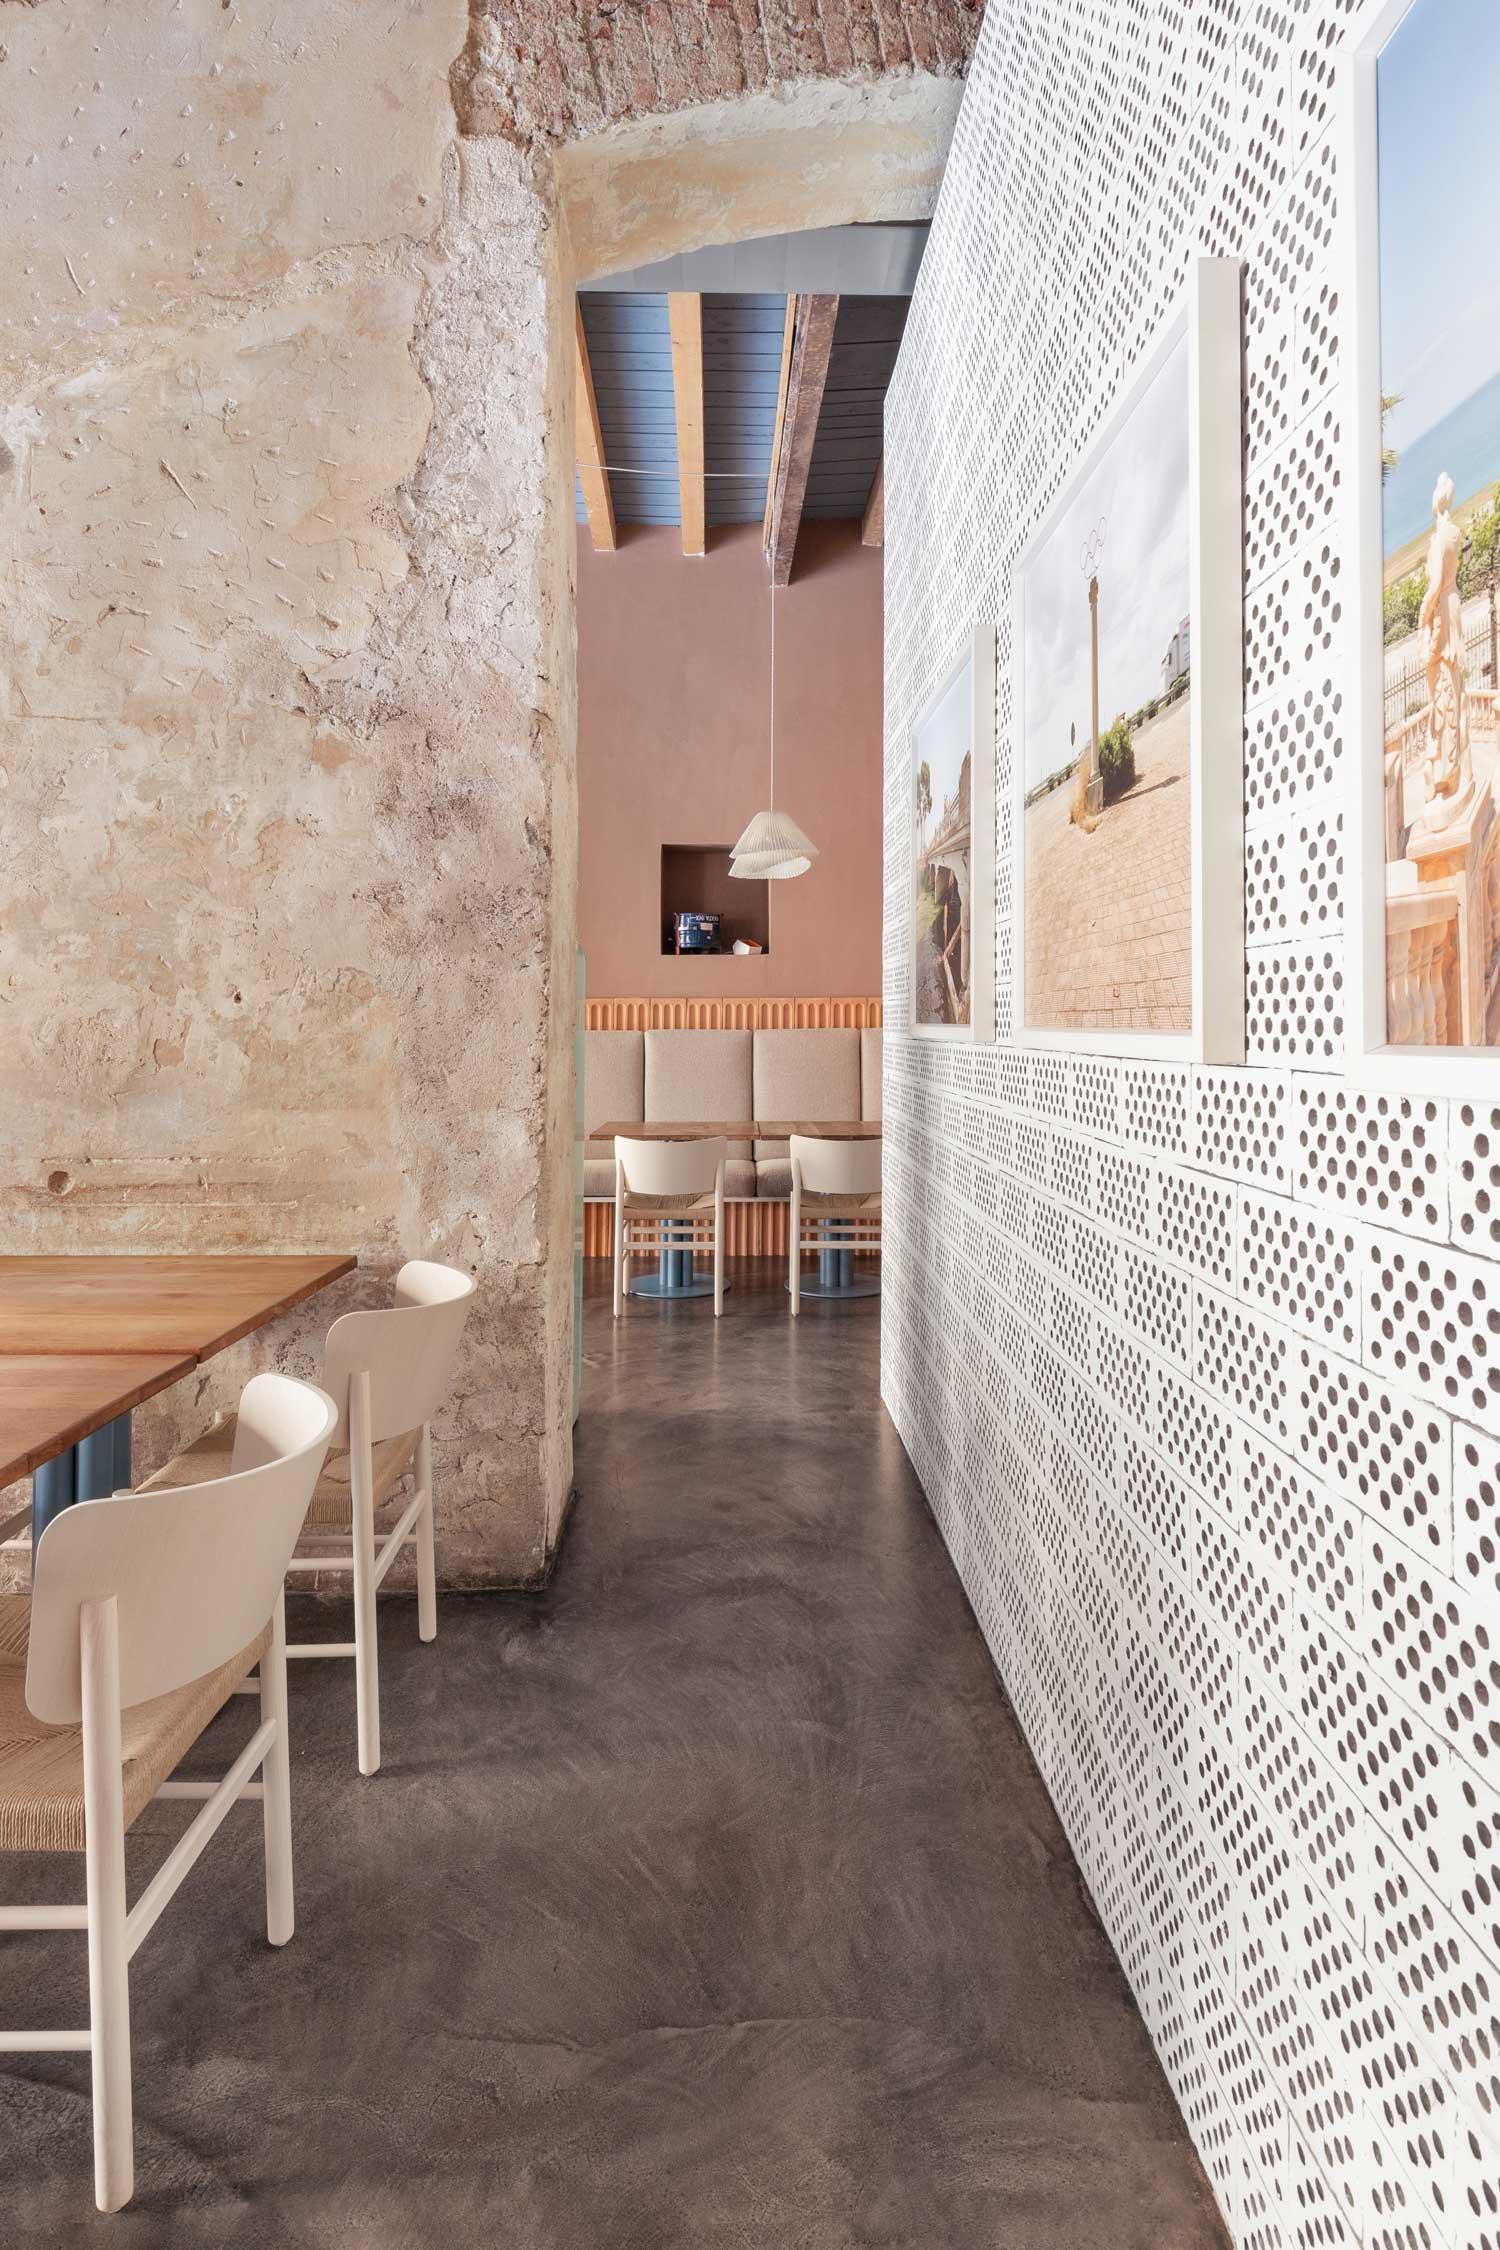 28 Posti Restaurant Renovation in Milan by Cristina Celestino.